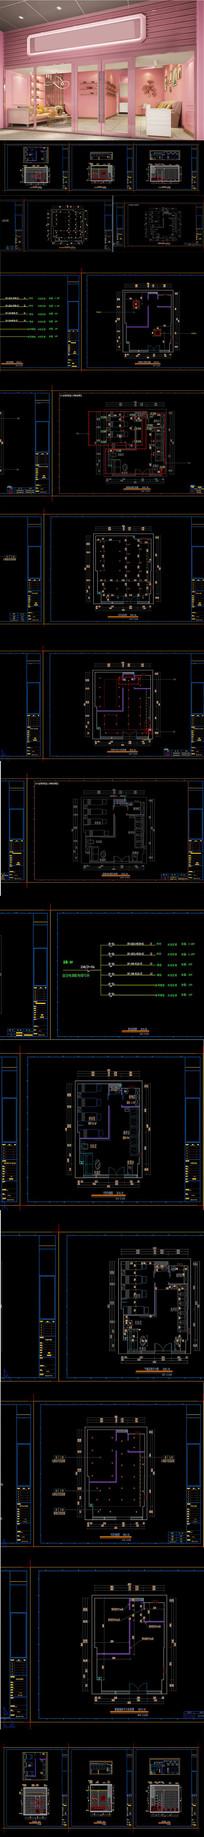 时尚网红美甲店CAD施工图 效果图